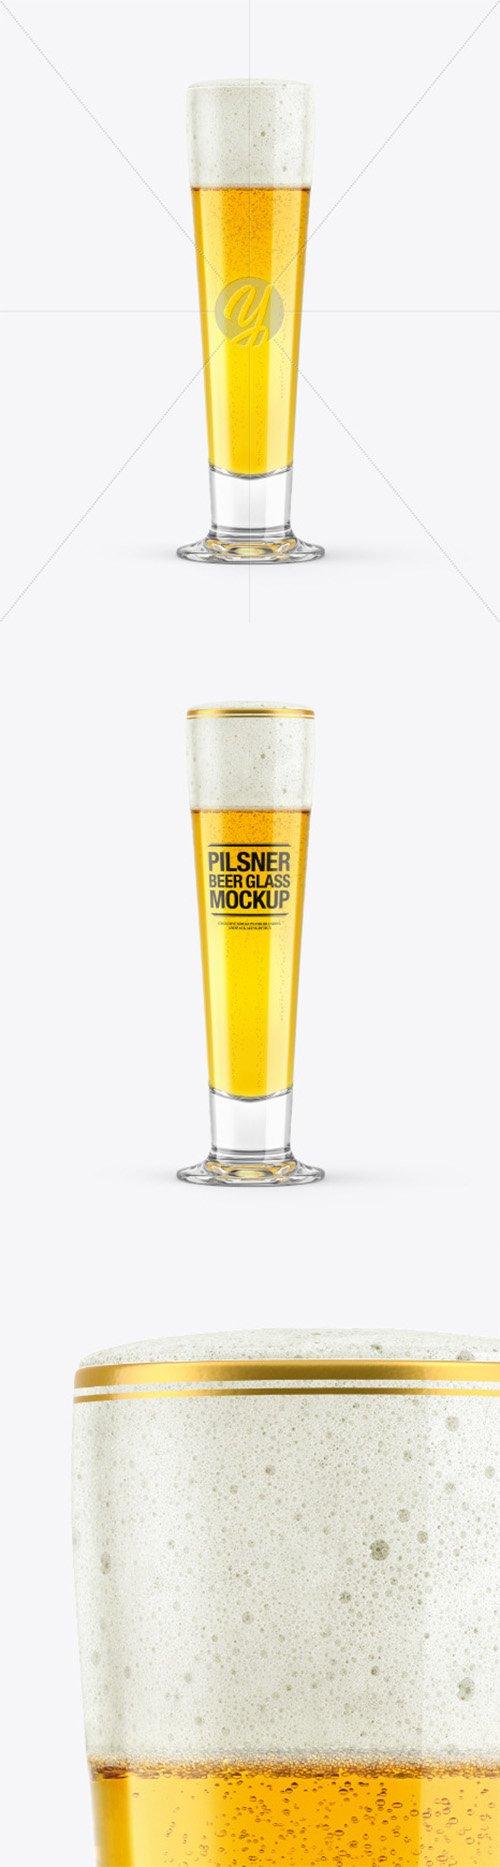 Pilsner Beer Glass Mockup 65002 TIF